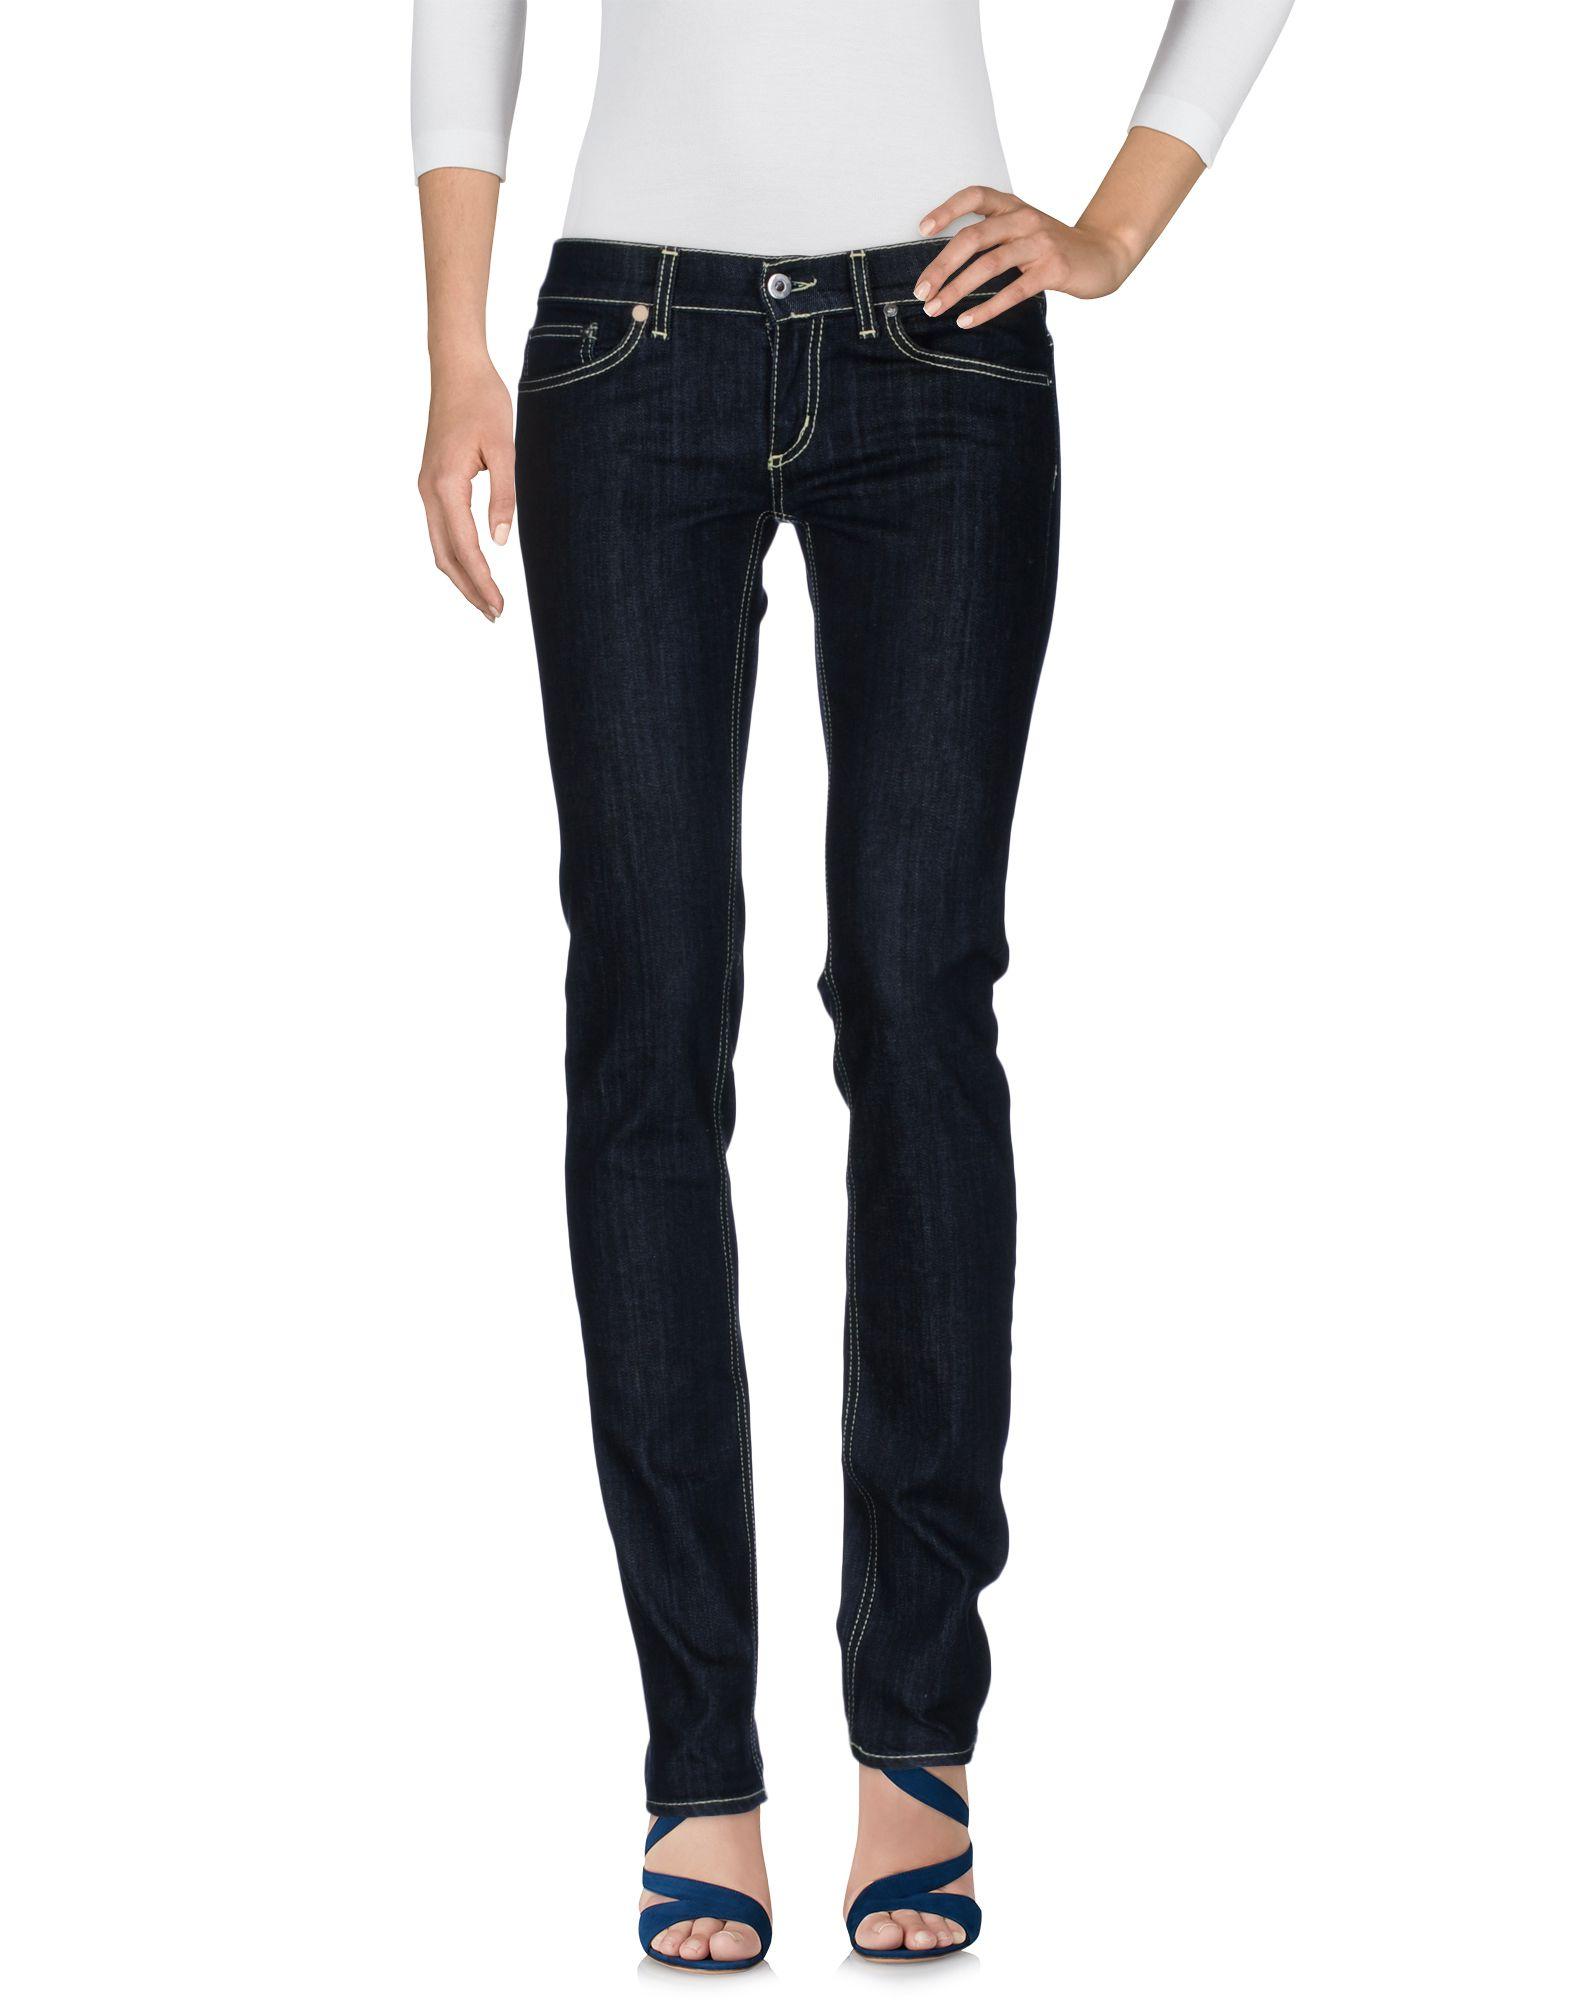 DONDUP Damen Jeanshose Farbe Blau Größe 2 jetztbilligerkaufen